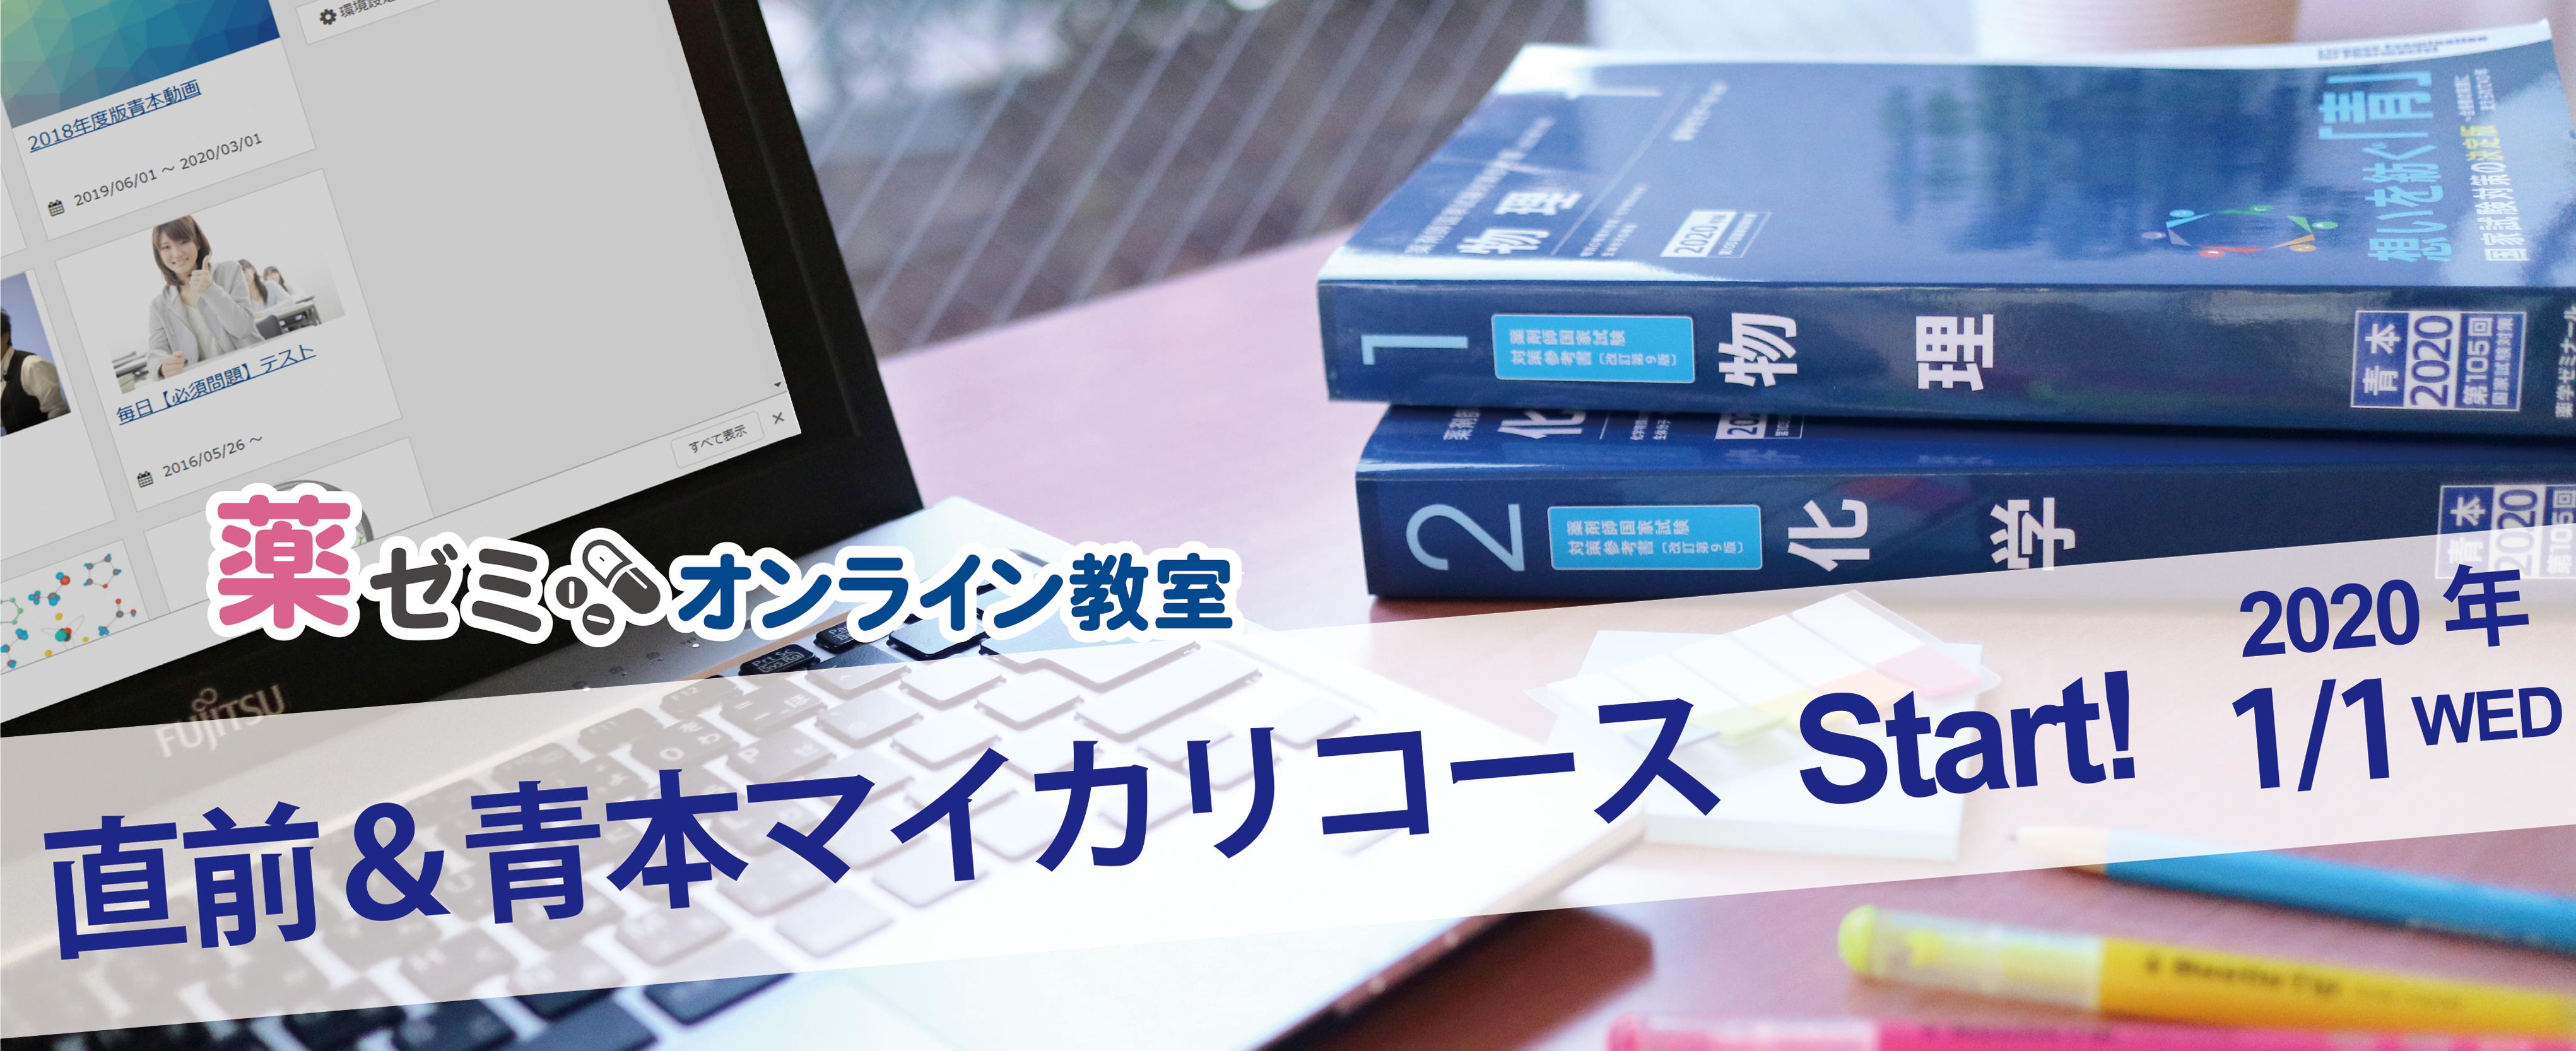 オンライン教室 直前&青本マイカリコース